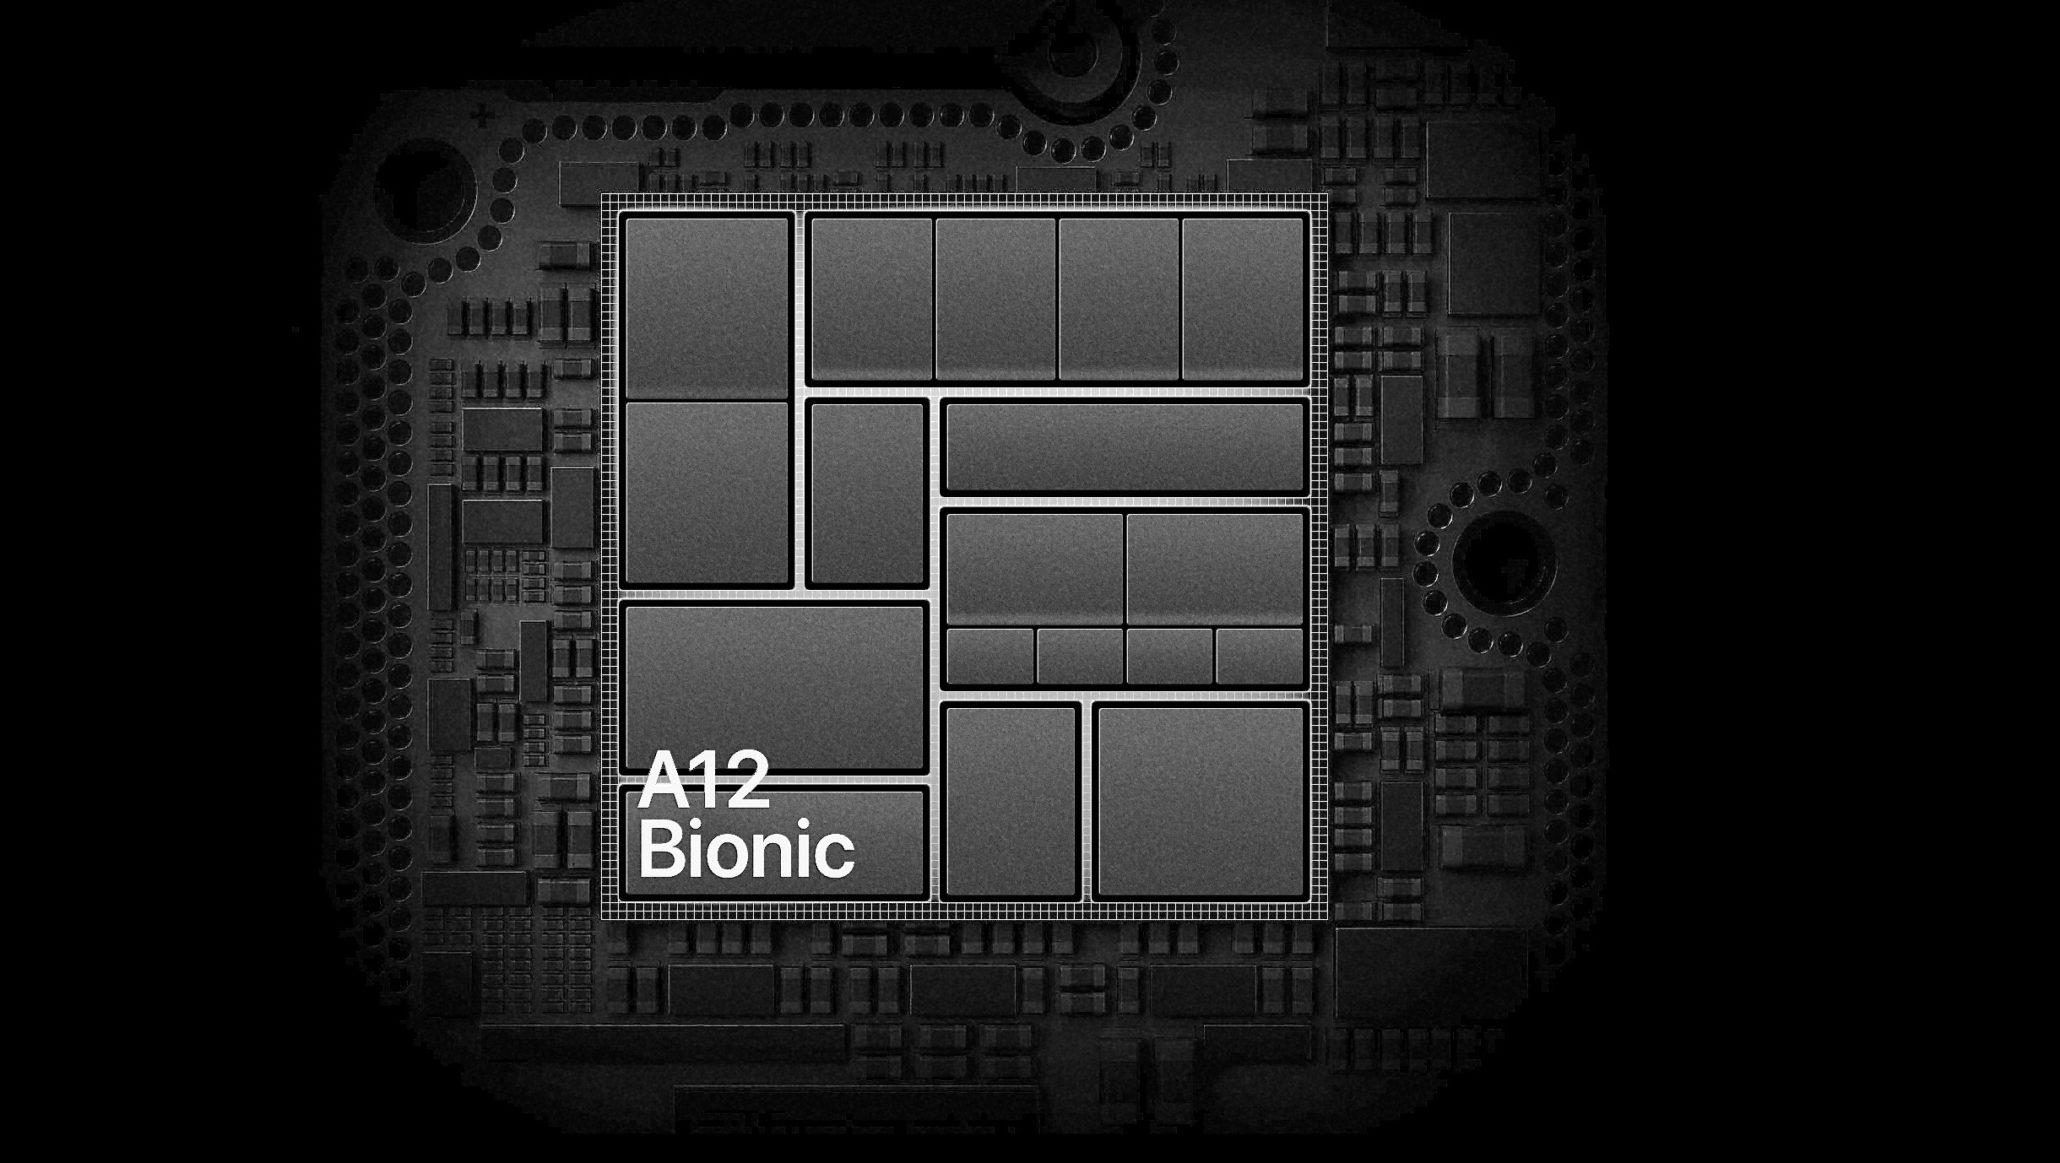 Apple chystá nejvýkonnější mobilní procesor na světě